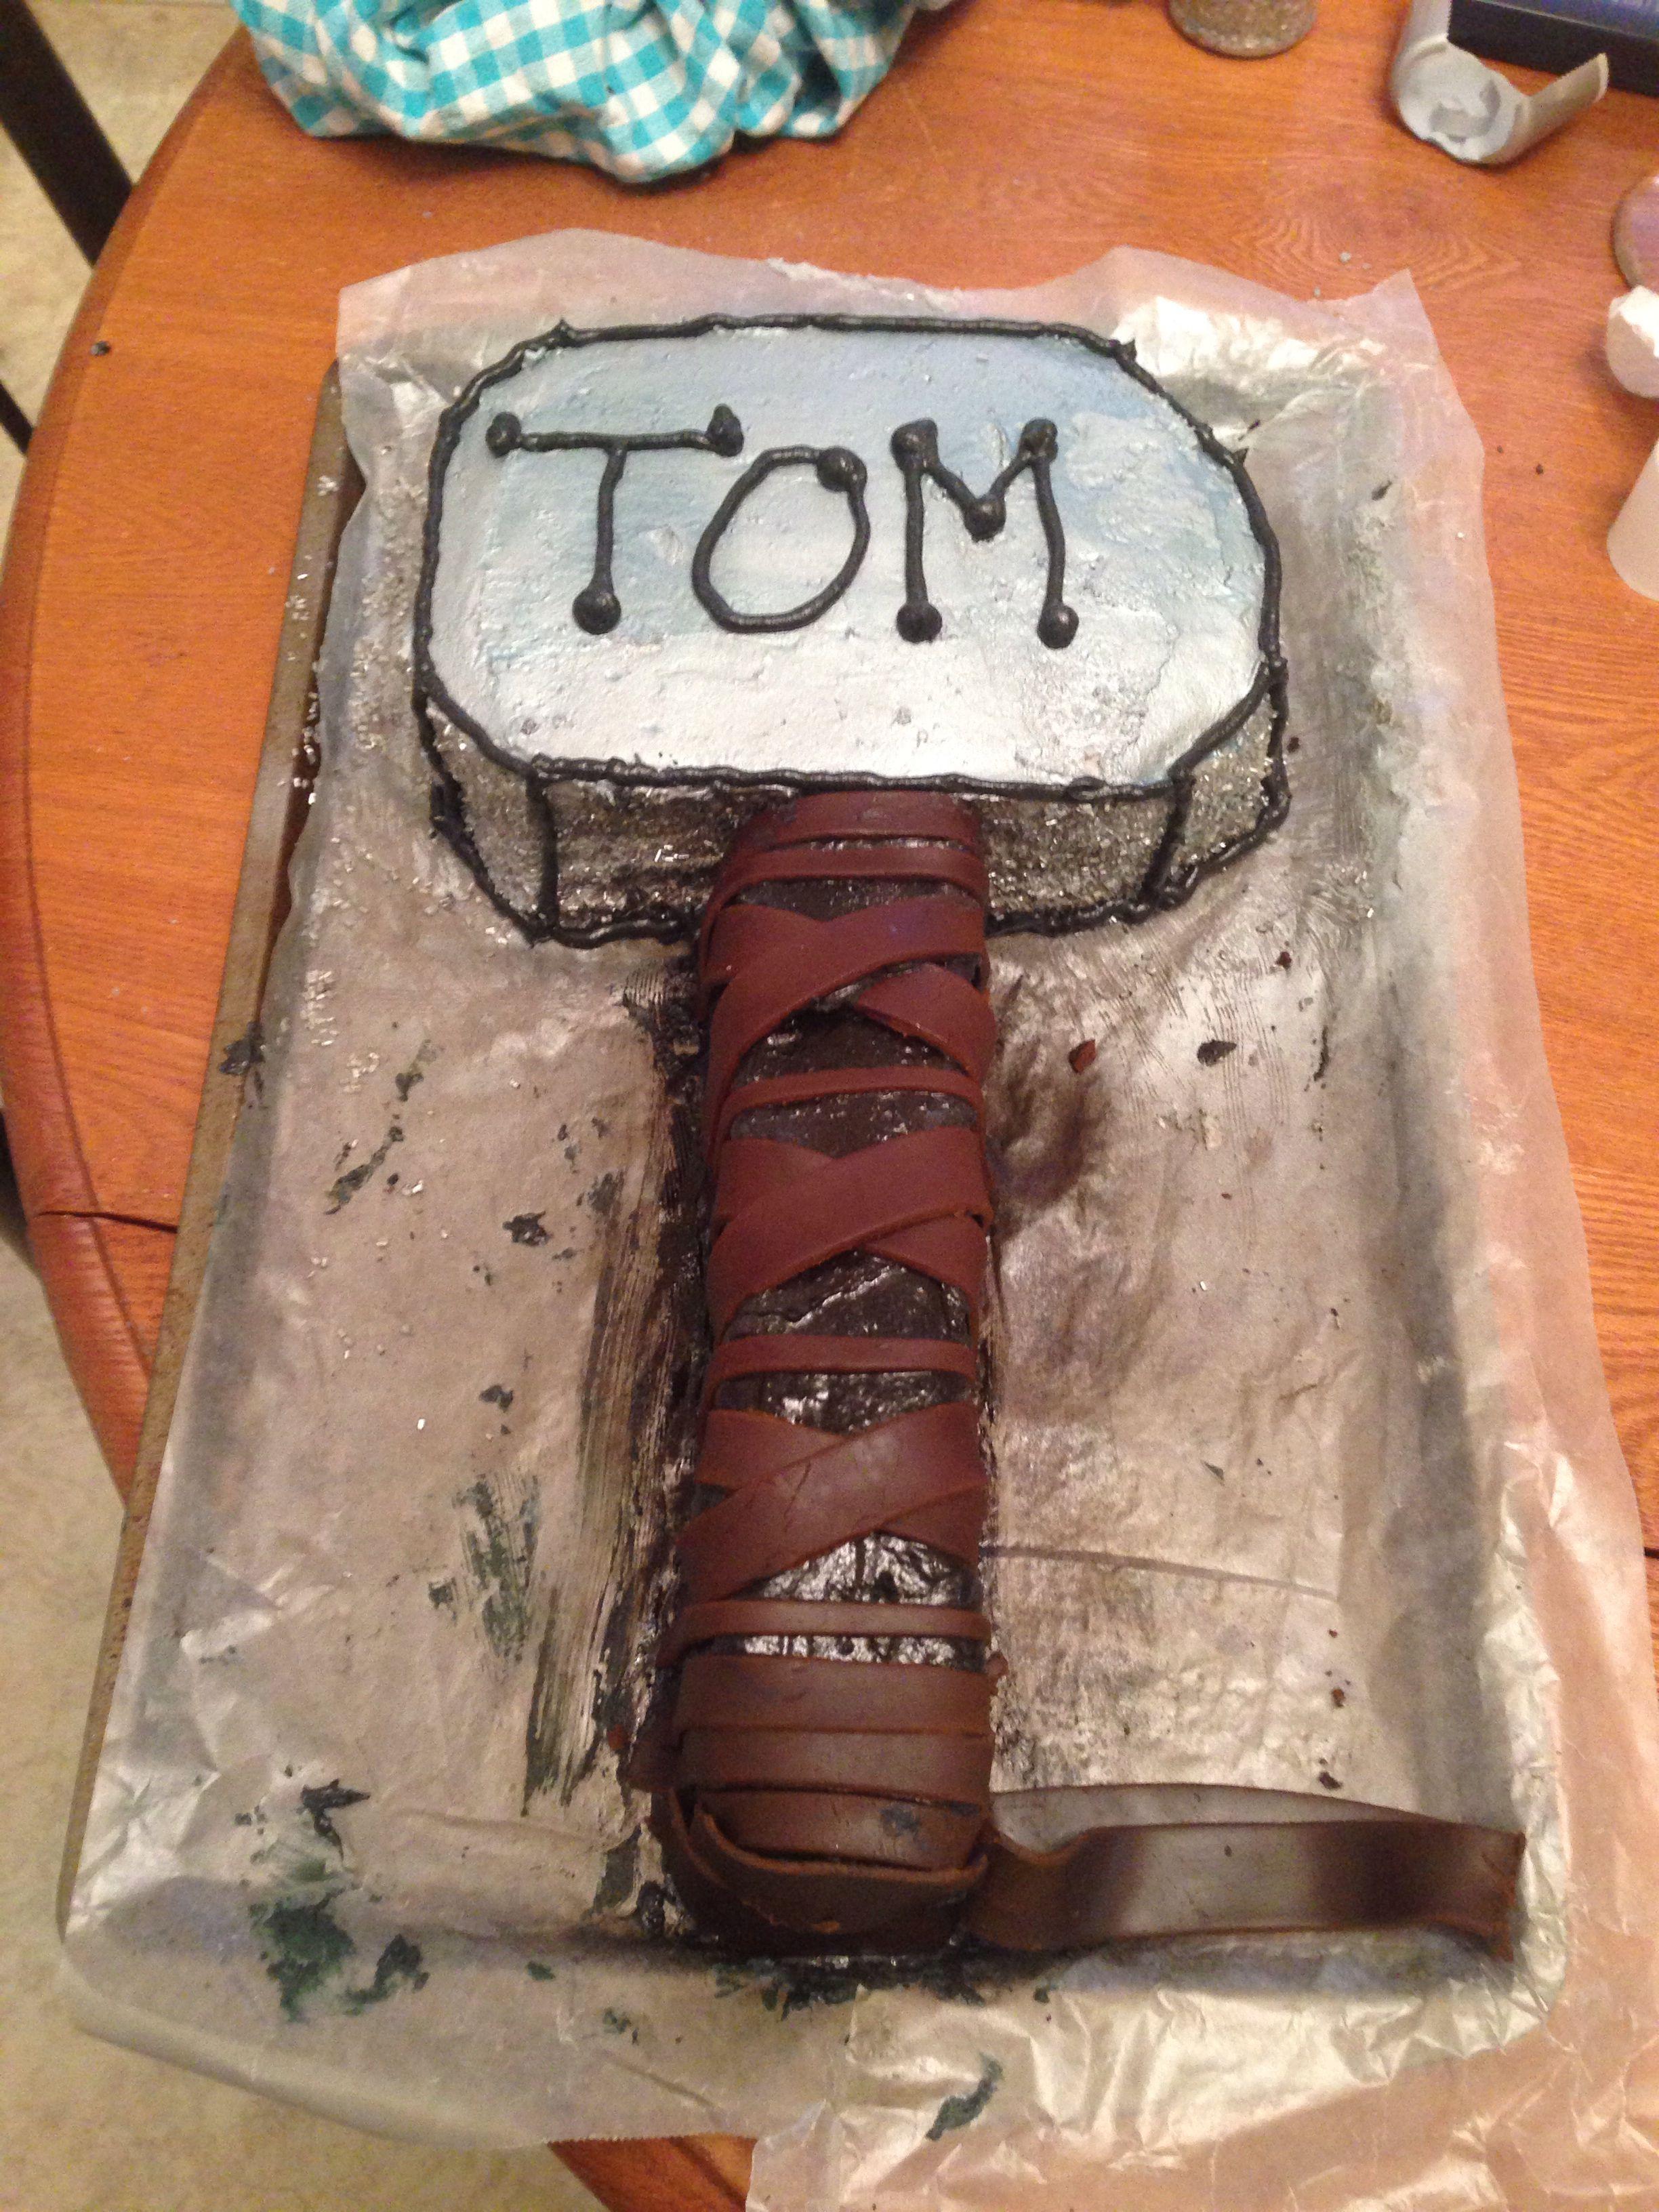 Thor hammer cake I made for my boyfriends birthday, Mjolnir cake. #thorcake #thorhammer #superherocake #birthdaycake #thormjolnir